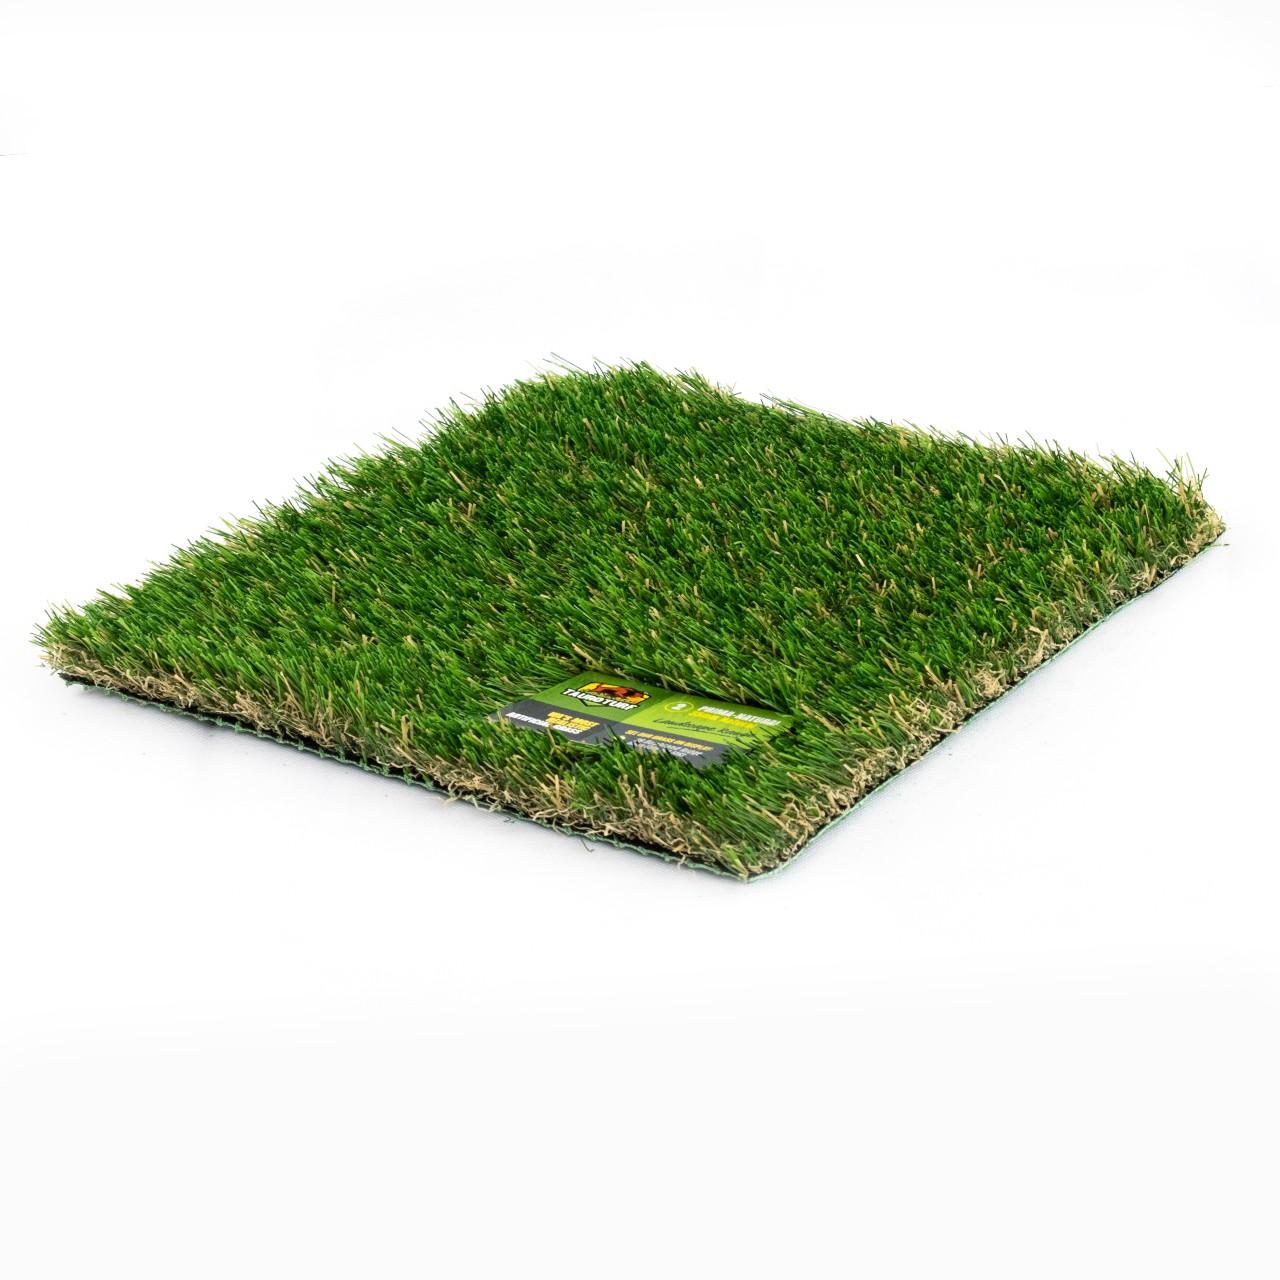 Prima Natural grass image